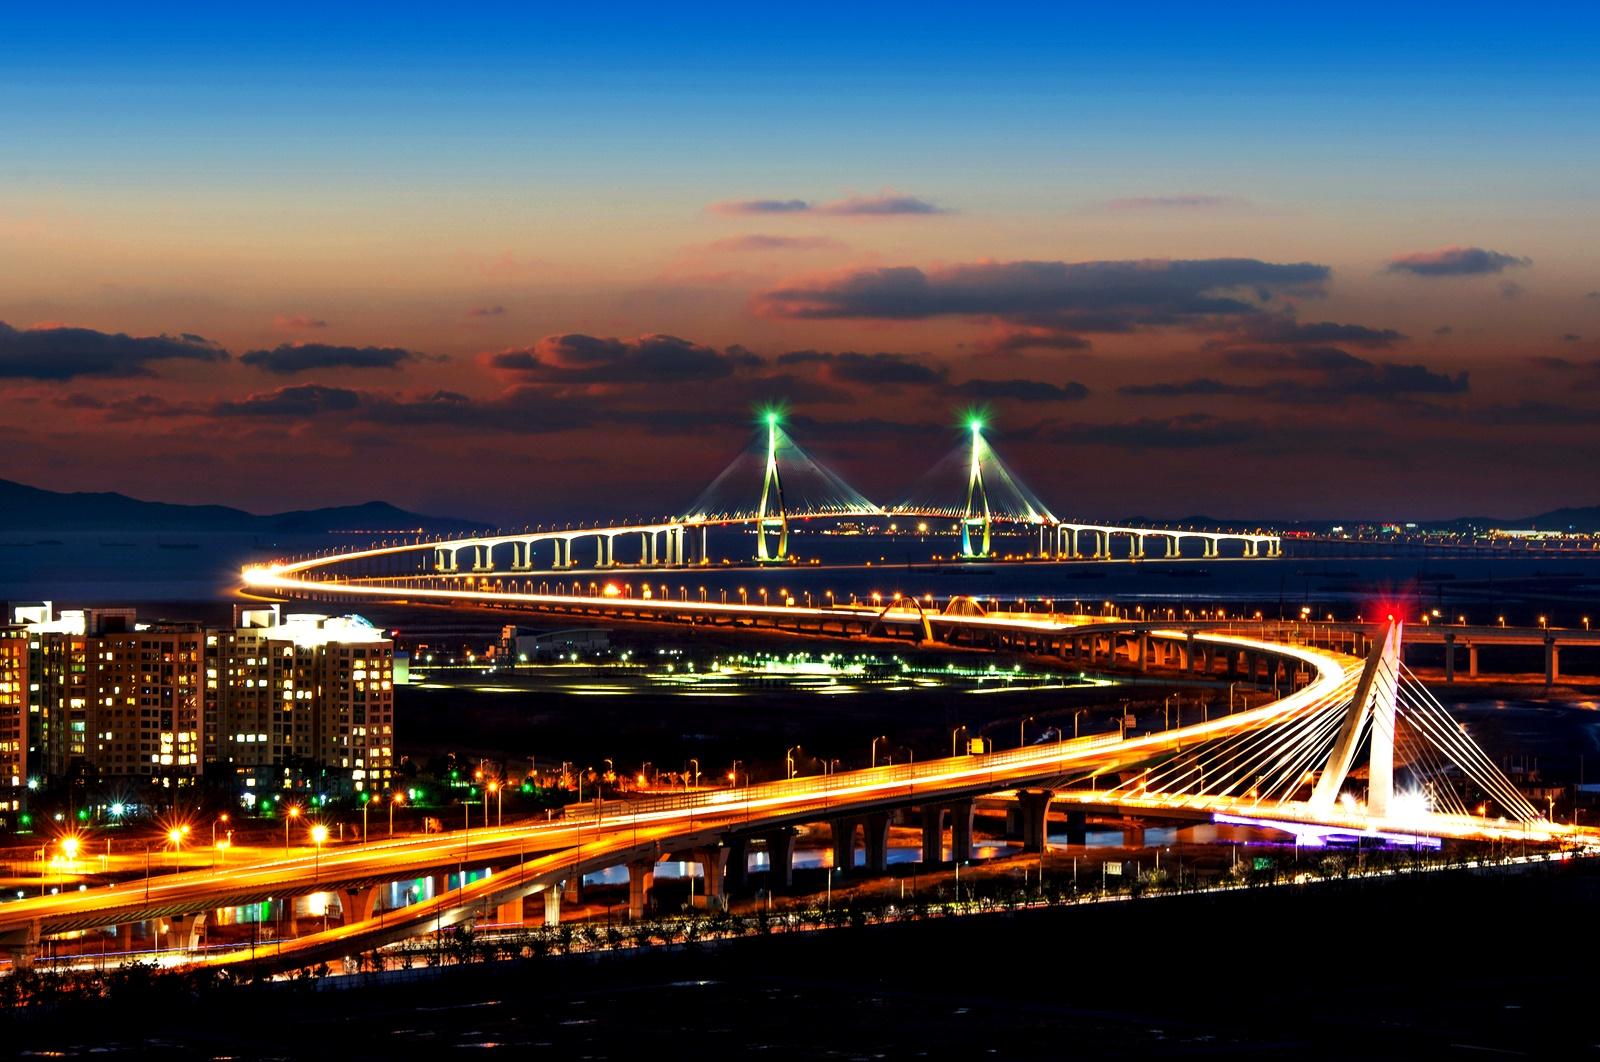 Международно летище Инчон, Сеул<br /> Това е най-голямото летище в Южна Корея и едно от най-натоварените в света. Поради тази причина то предлага и много и разнообразни дейности, с които часовете до полета да не се струват на пътниците като цяла вечност. На летището Инчон може да отидете на кино, да разгледате музей, през зимата да се разходите в ледена гора и целогодишно да карате кънки на лед.